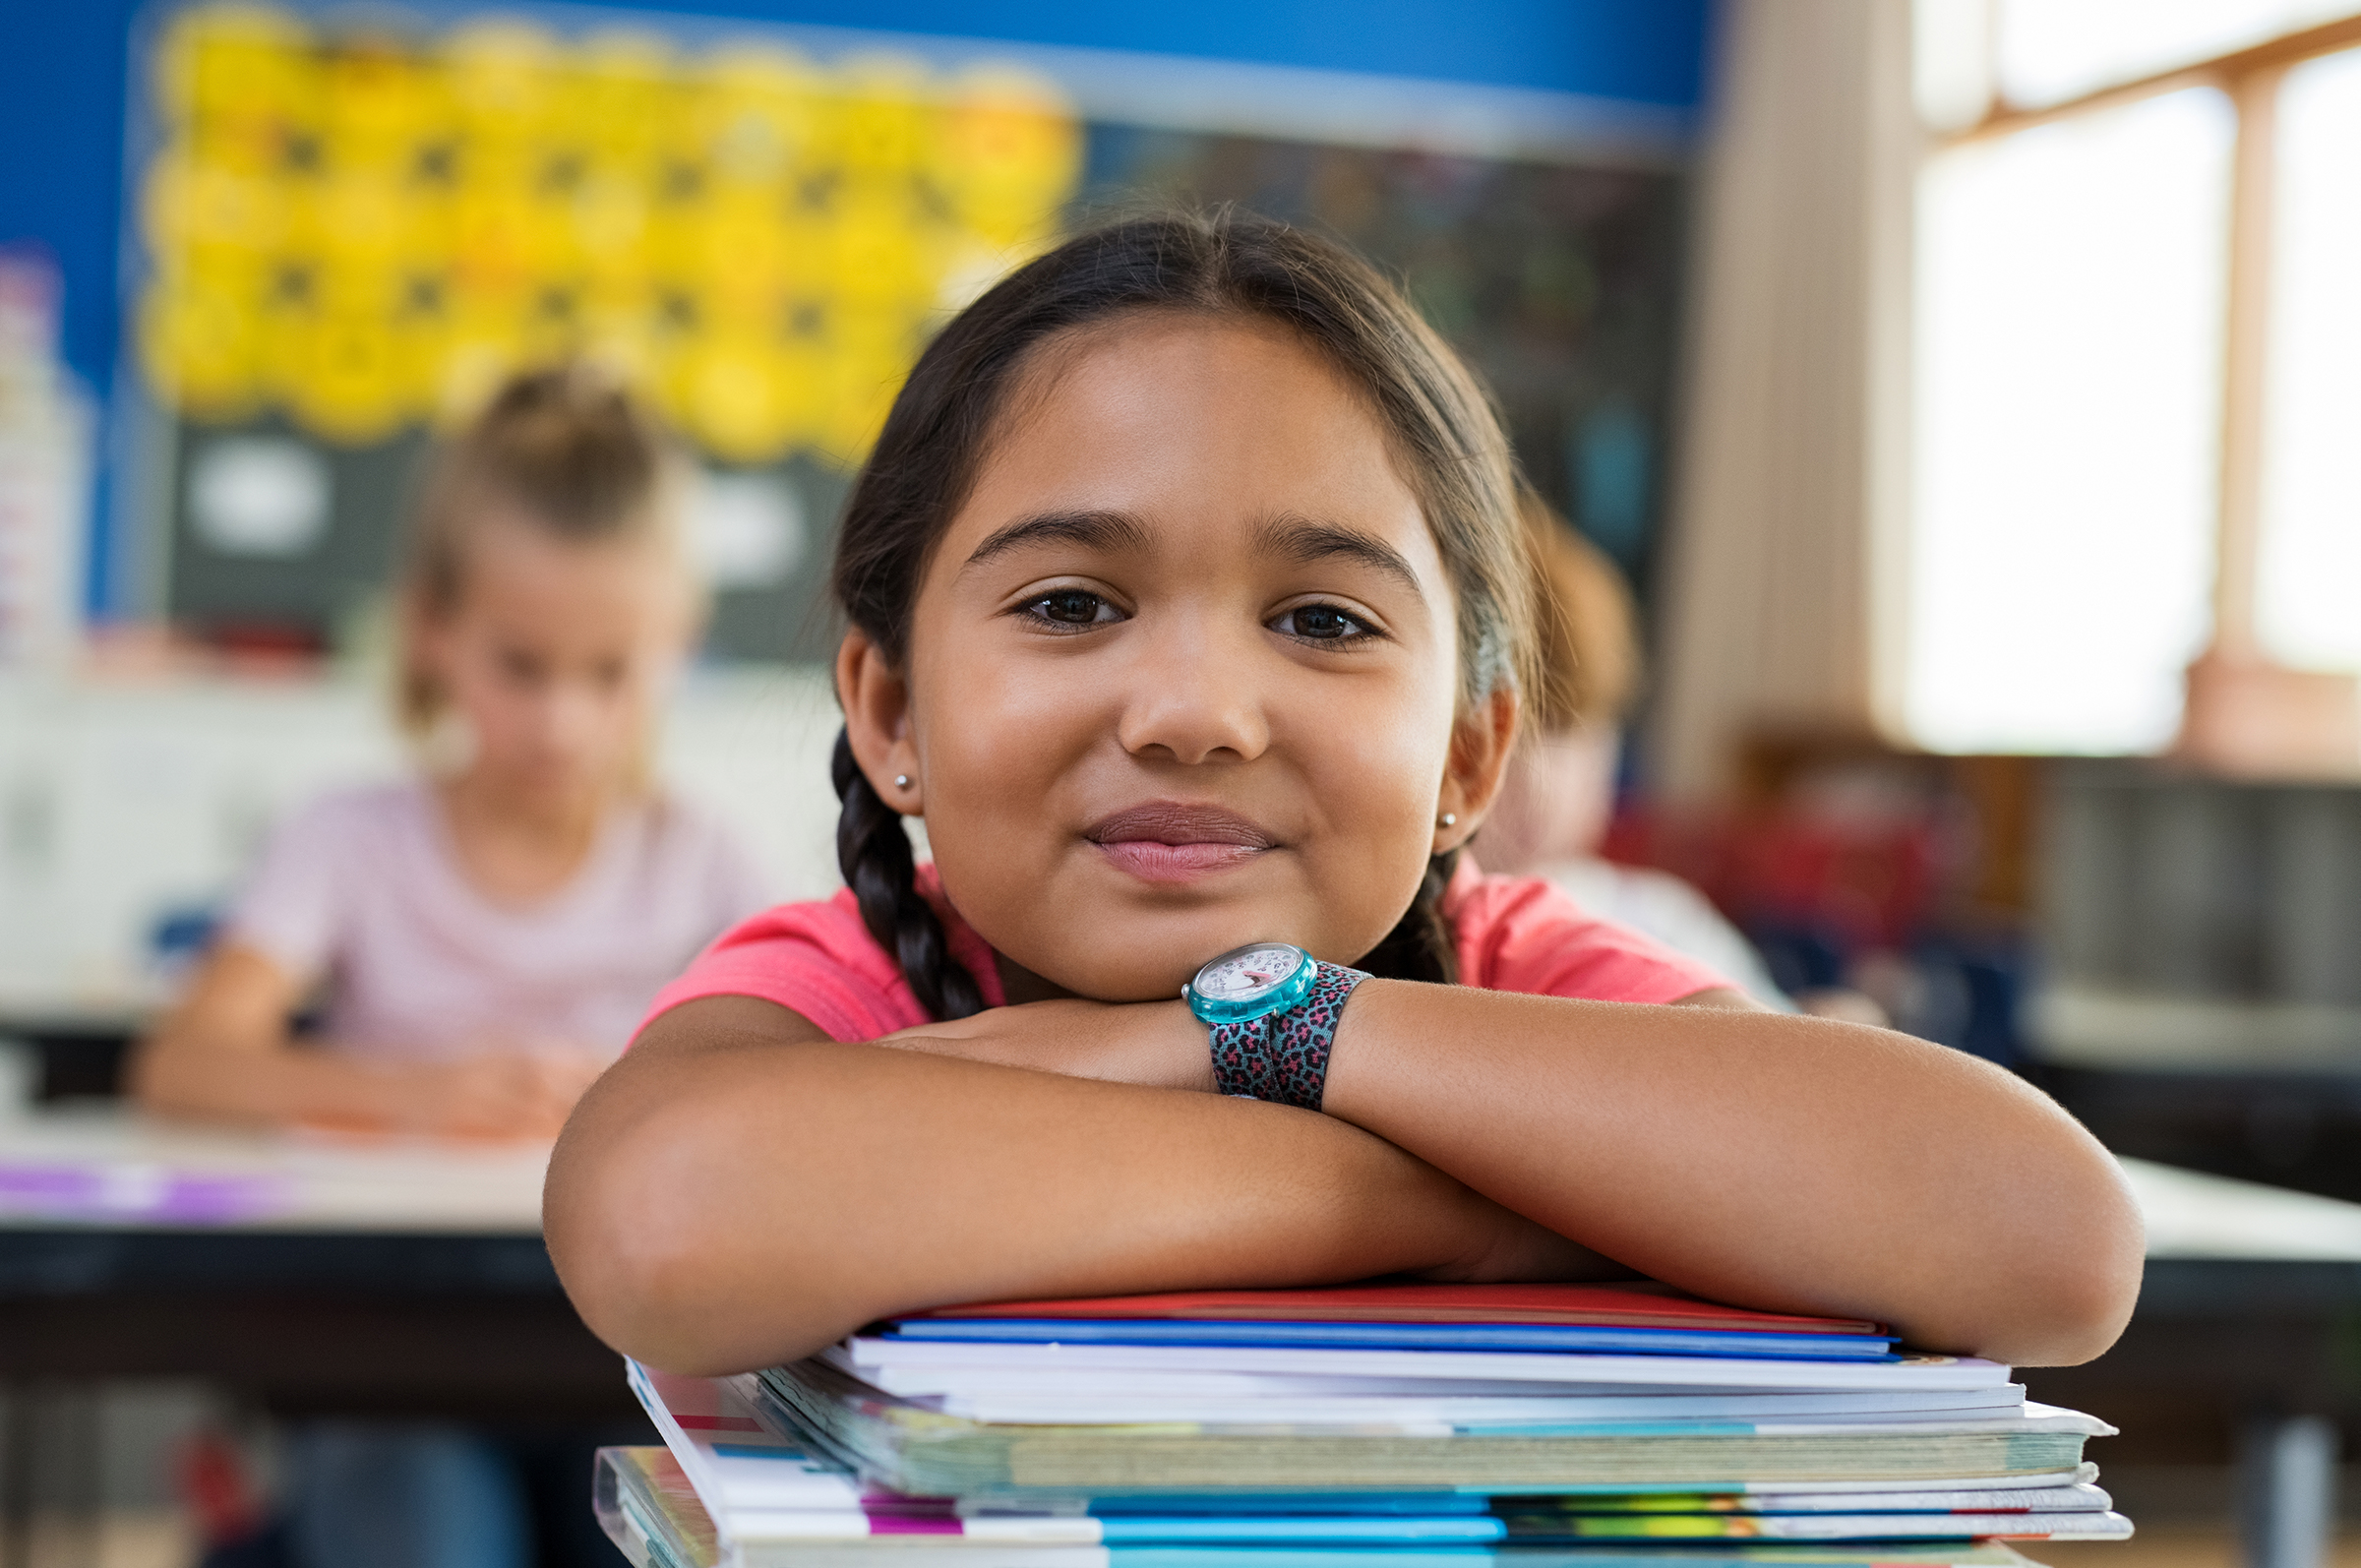 Youth & Education - NewAlliance Foundation